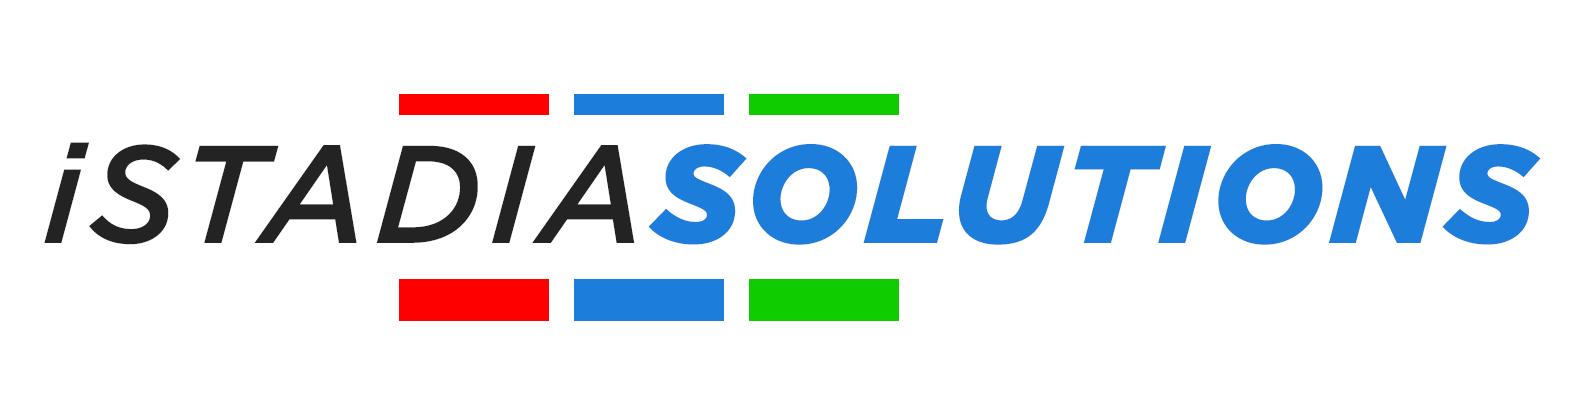 iStadia Solutions logo